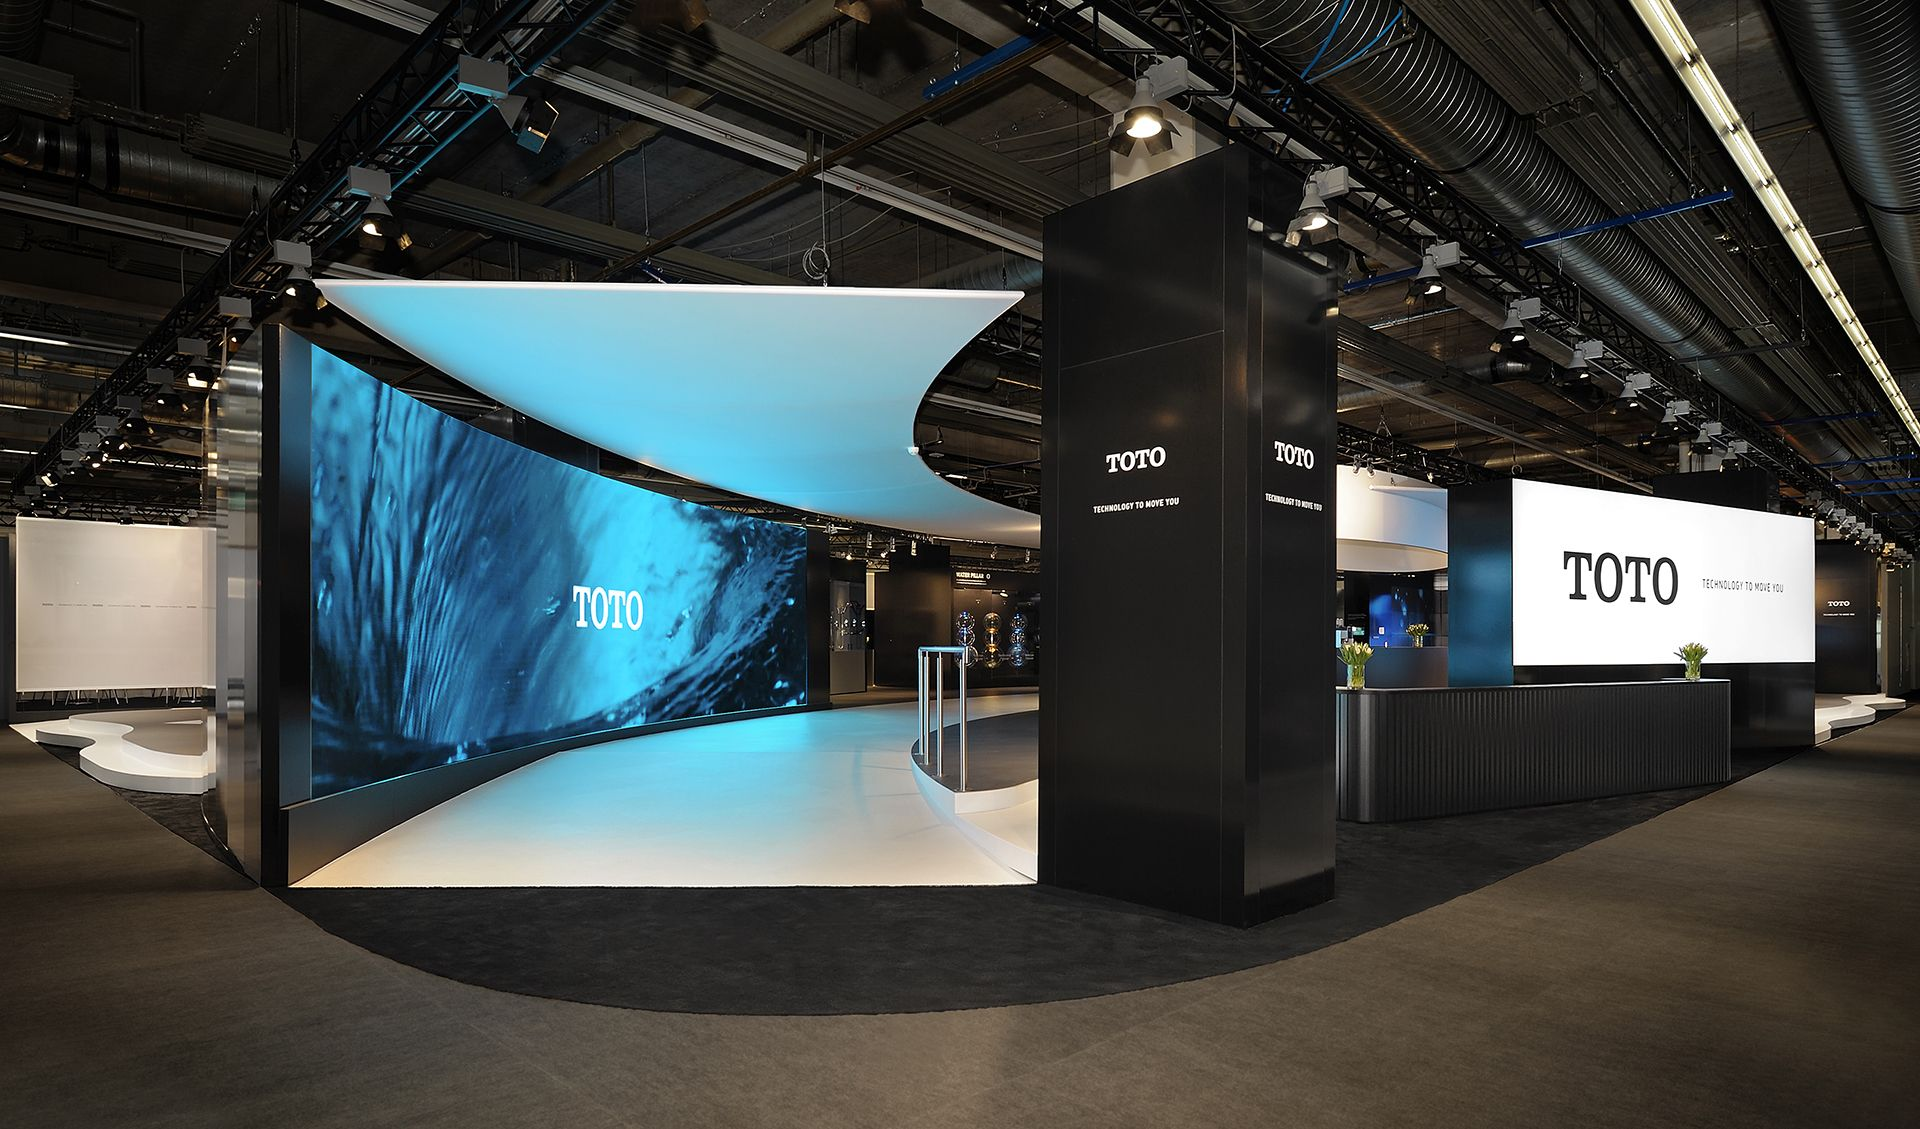 Auf Der Ish In Frankfurt Wurden Dieses Jahr Die Produkte Von Toto Sprichwortlich In Ein Besonderes Lic Messestand Design Messestandgestaltung Marktstand Design